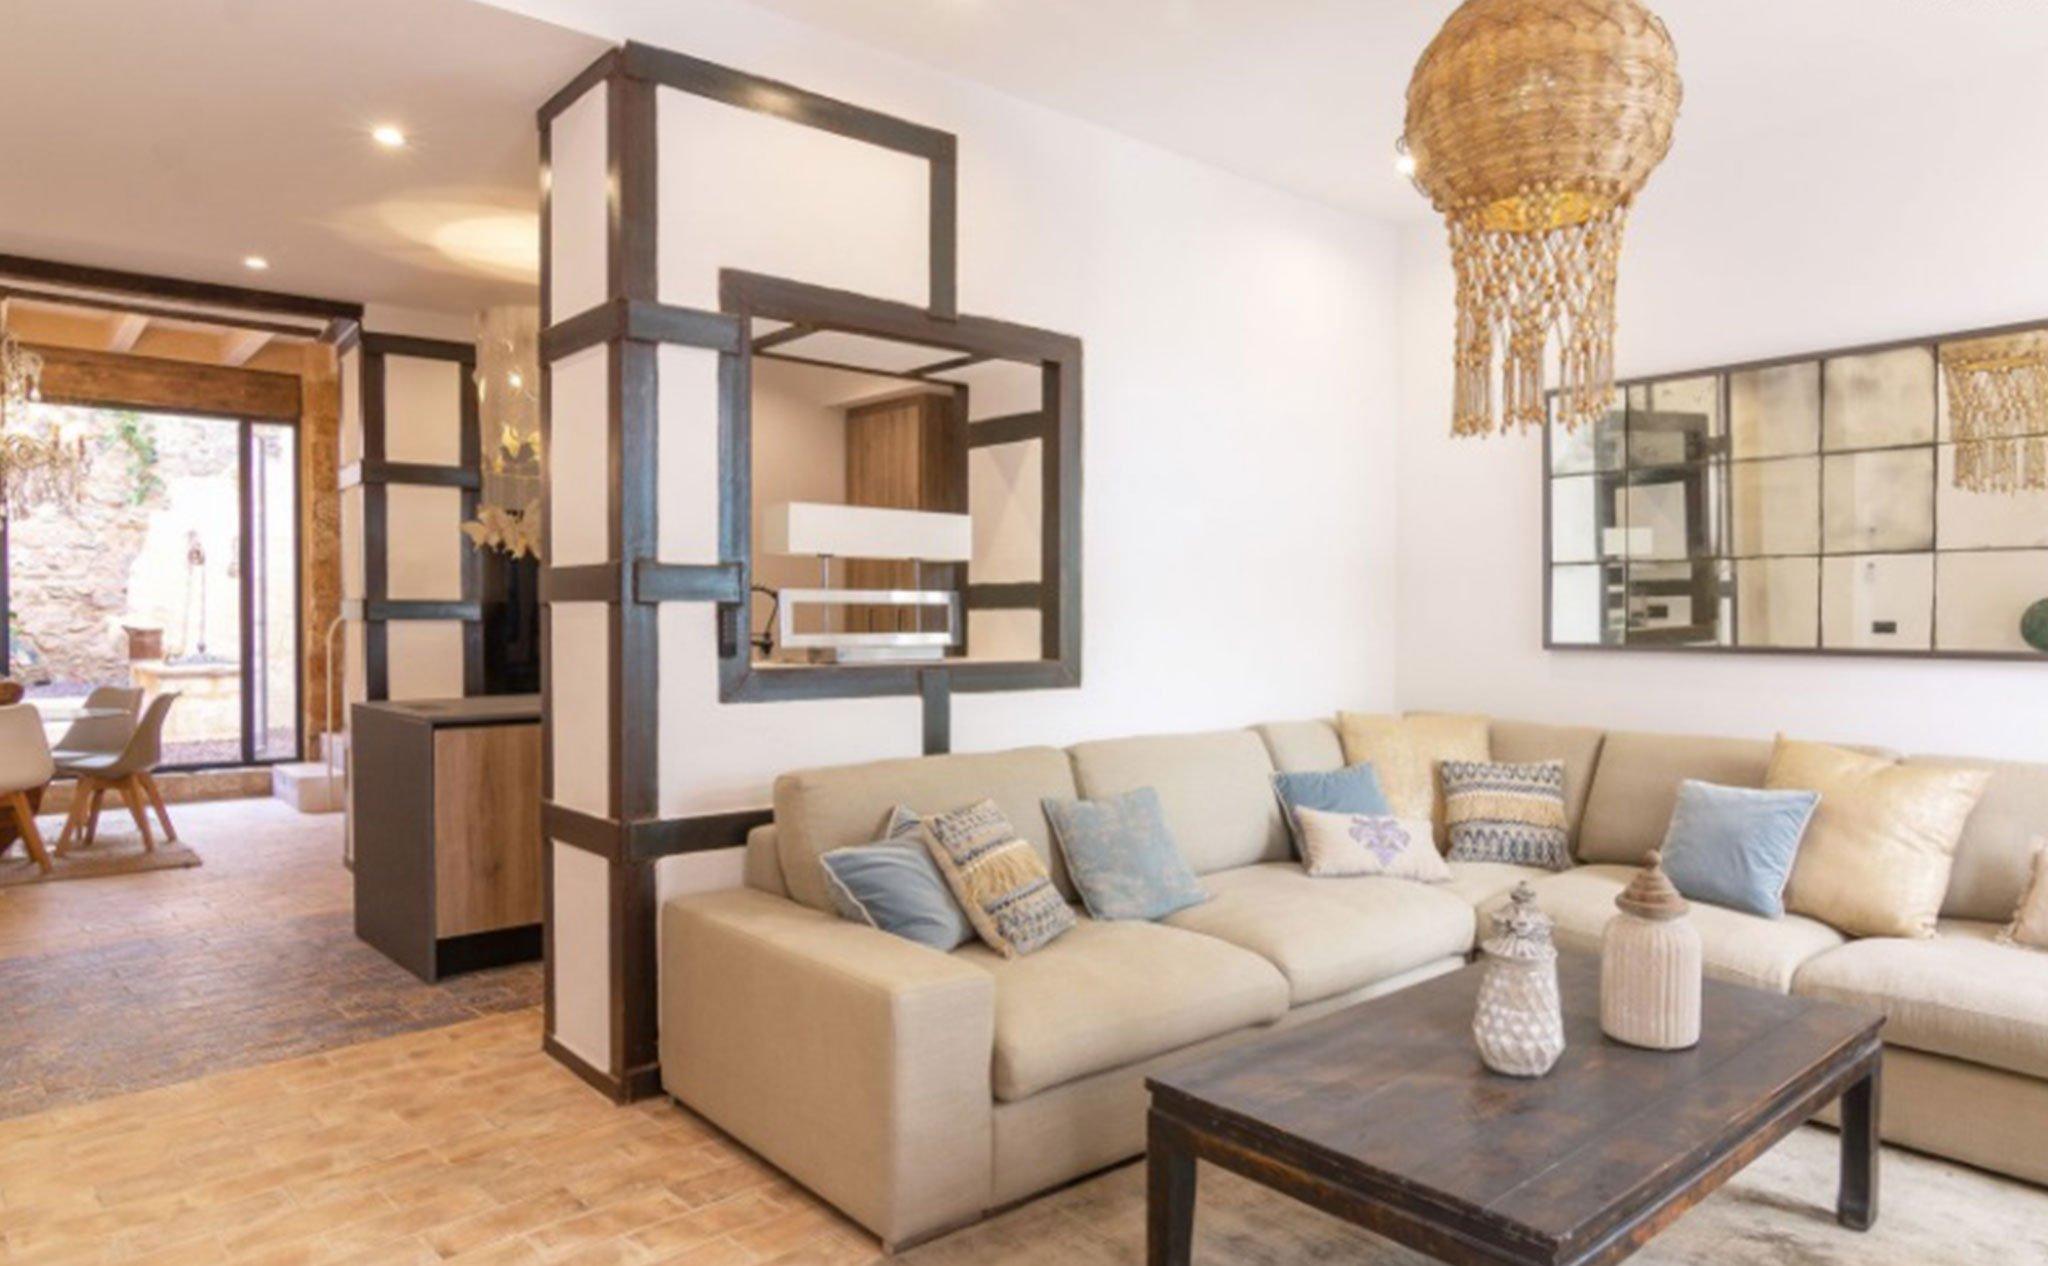 Salón de una casa de pueblo en venta en el centro de Xàbia – MORAGUESPONS Mediterranean Houses